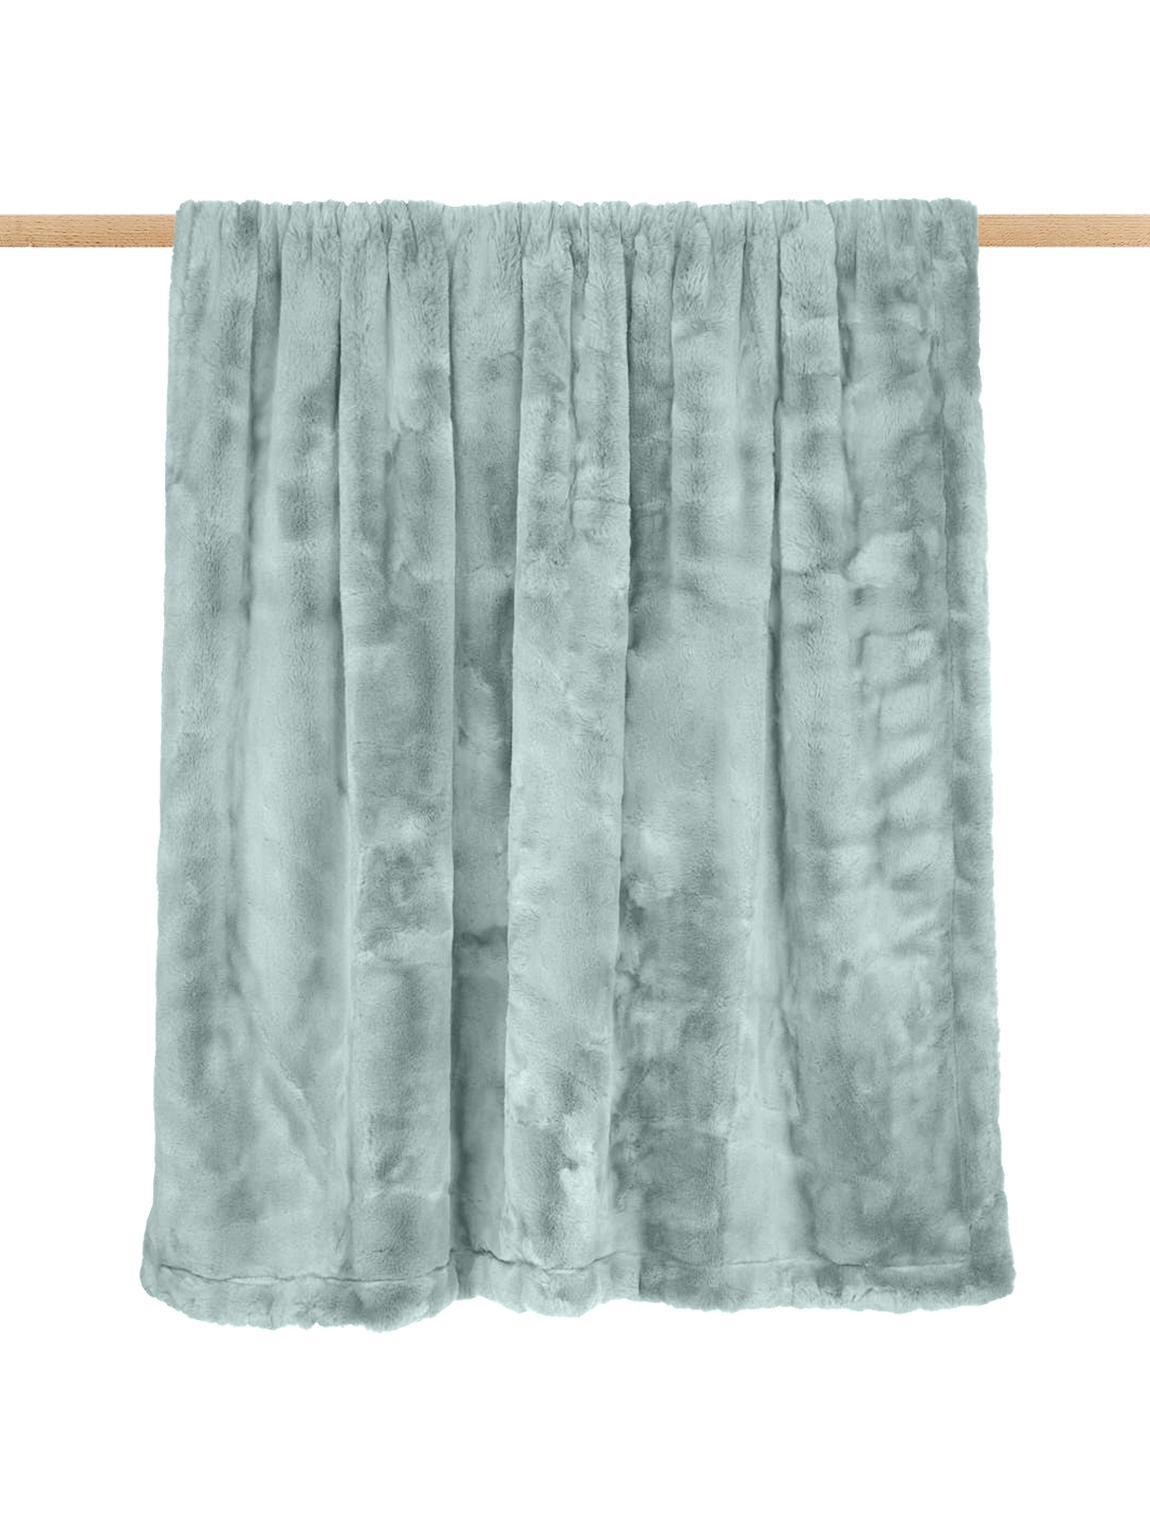 Plaid van imitatievacht Mette, glad, Groen, 150 x 200 cm